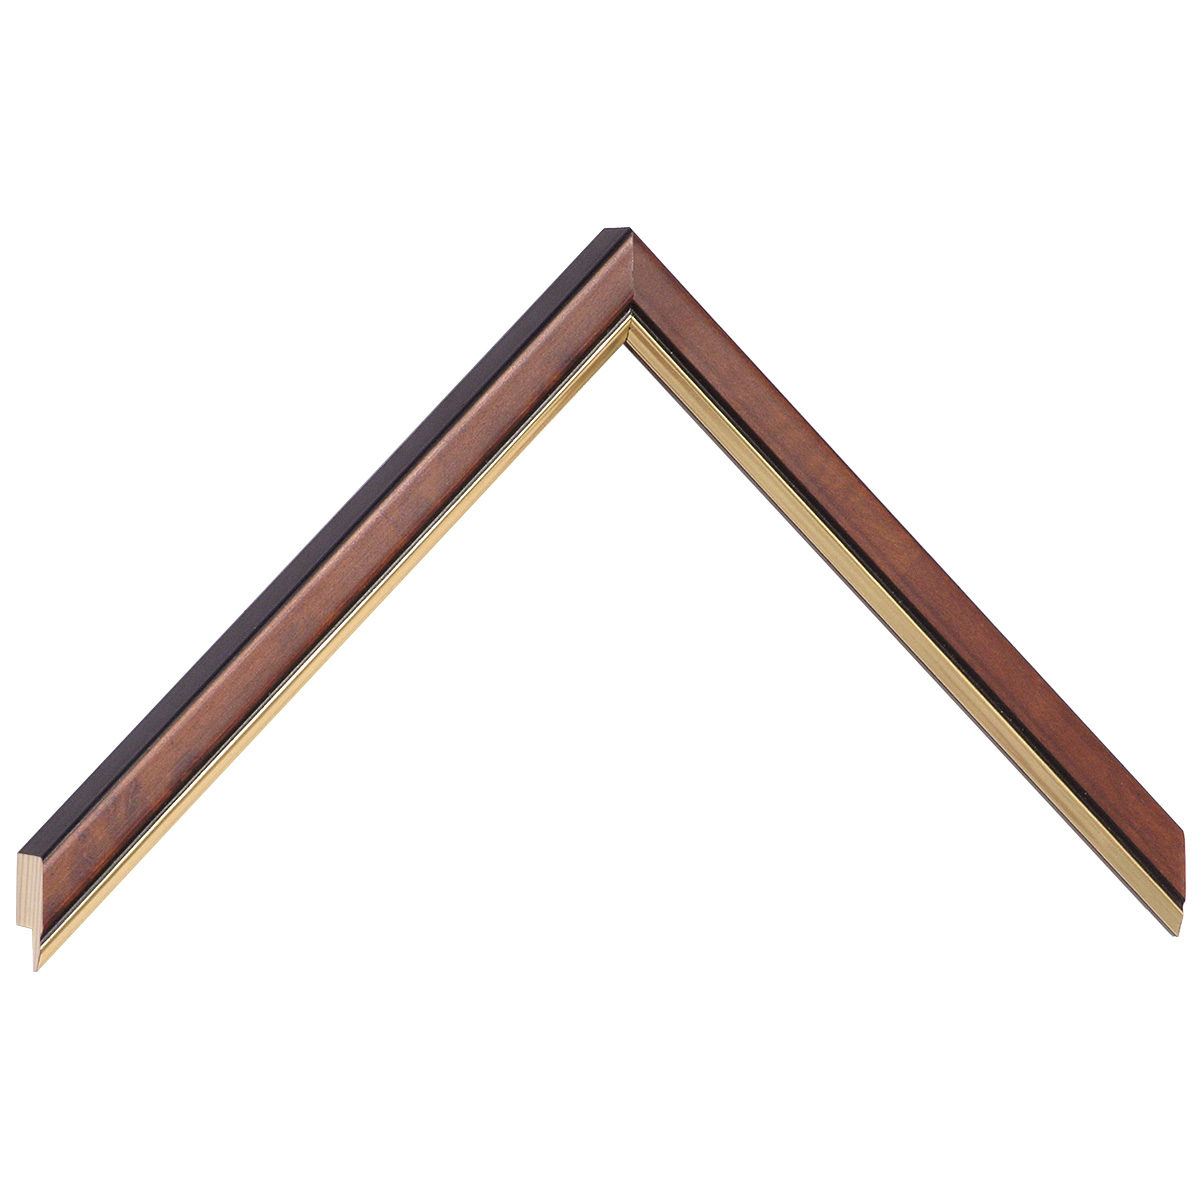 Moulding burl veneer 15mm - matt brown with gold fillet